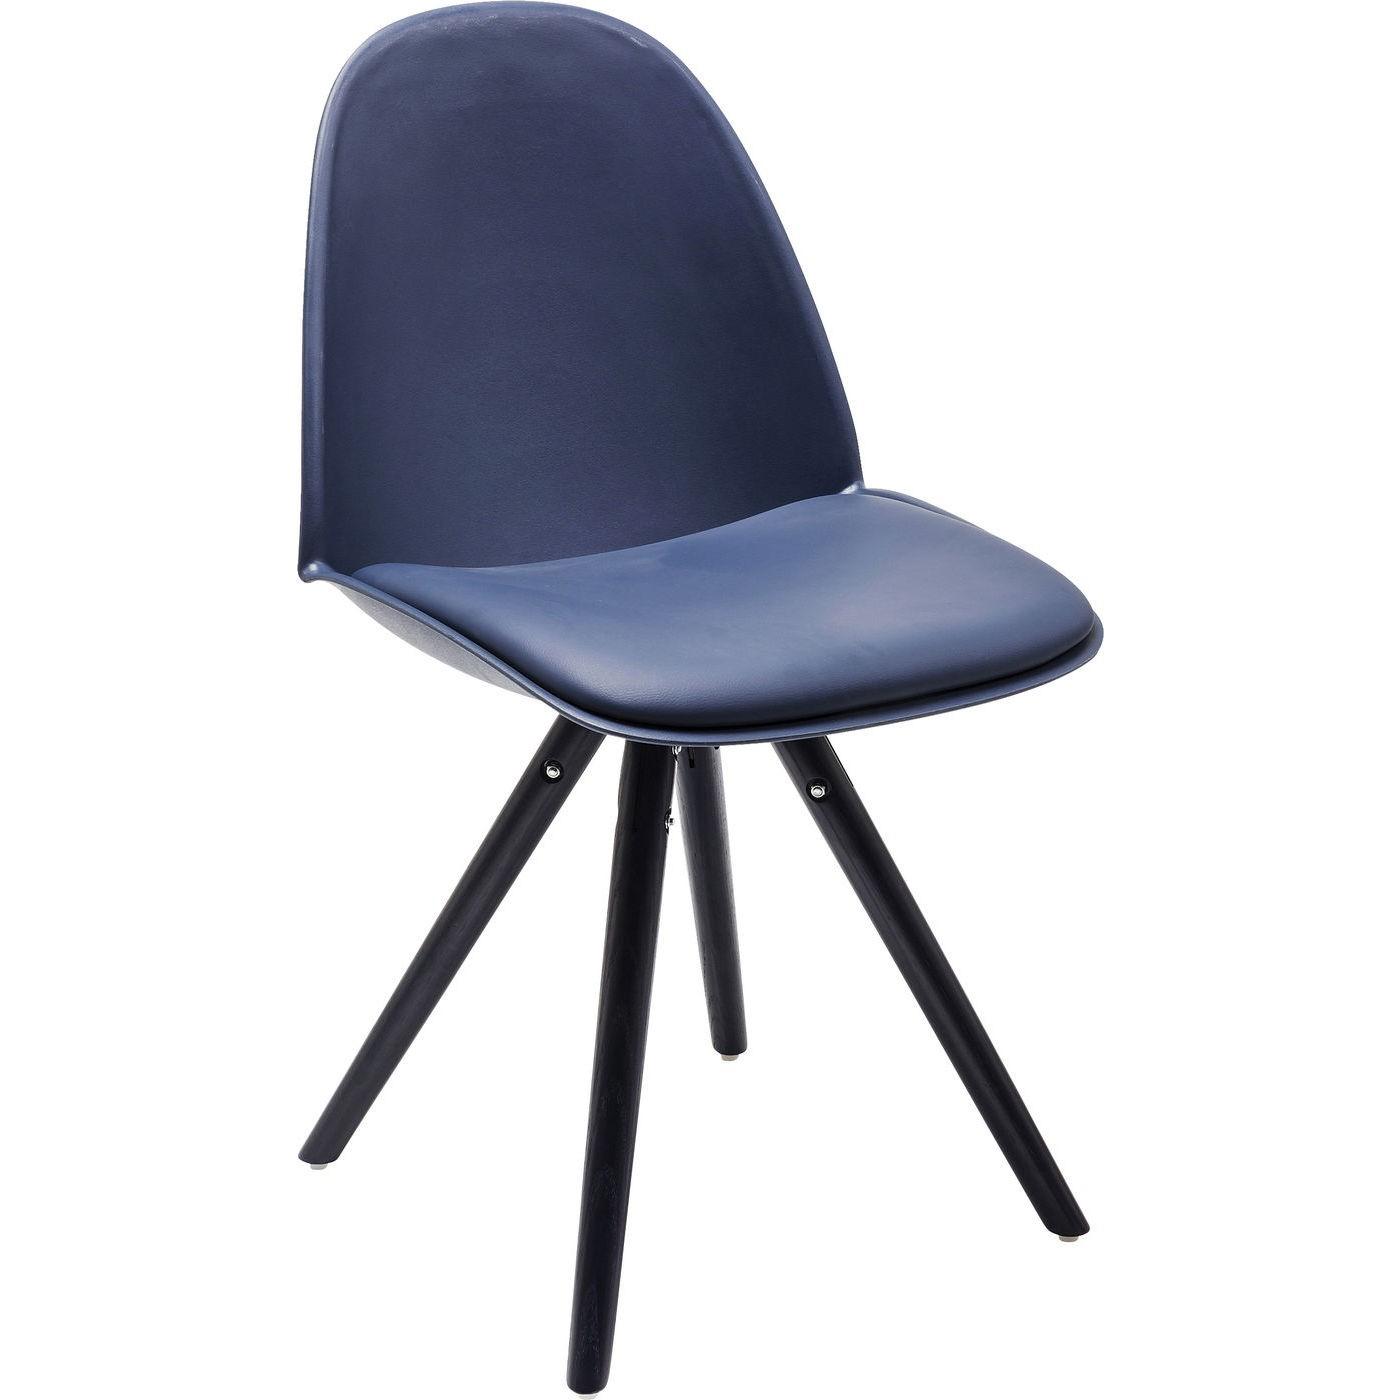 KARE DESIGN Candy World spisebordsstol - blå læder PU m. stålben